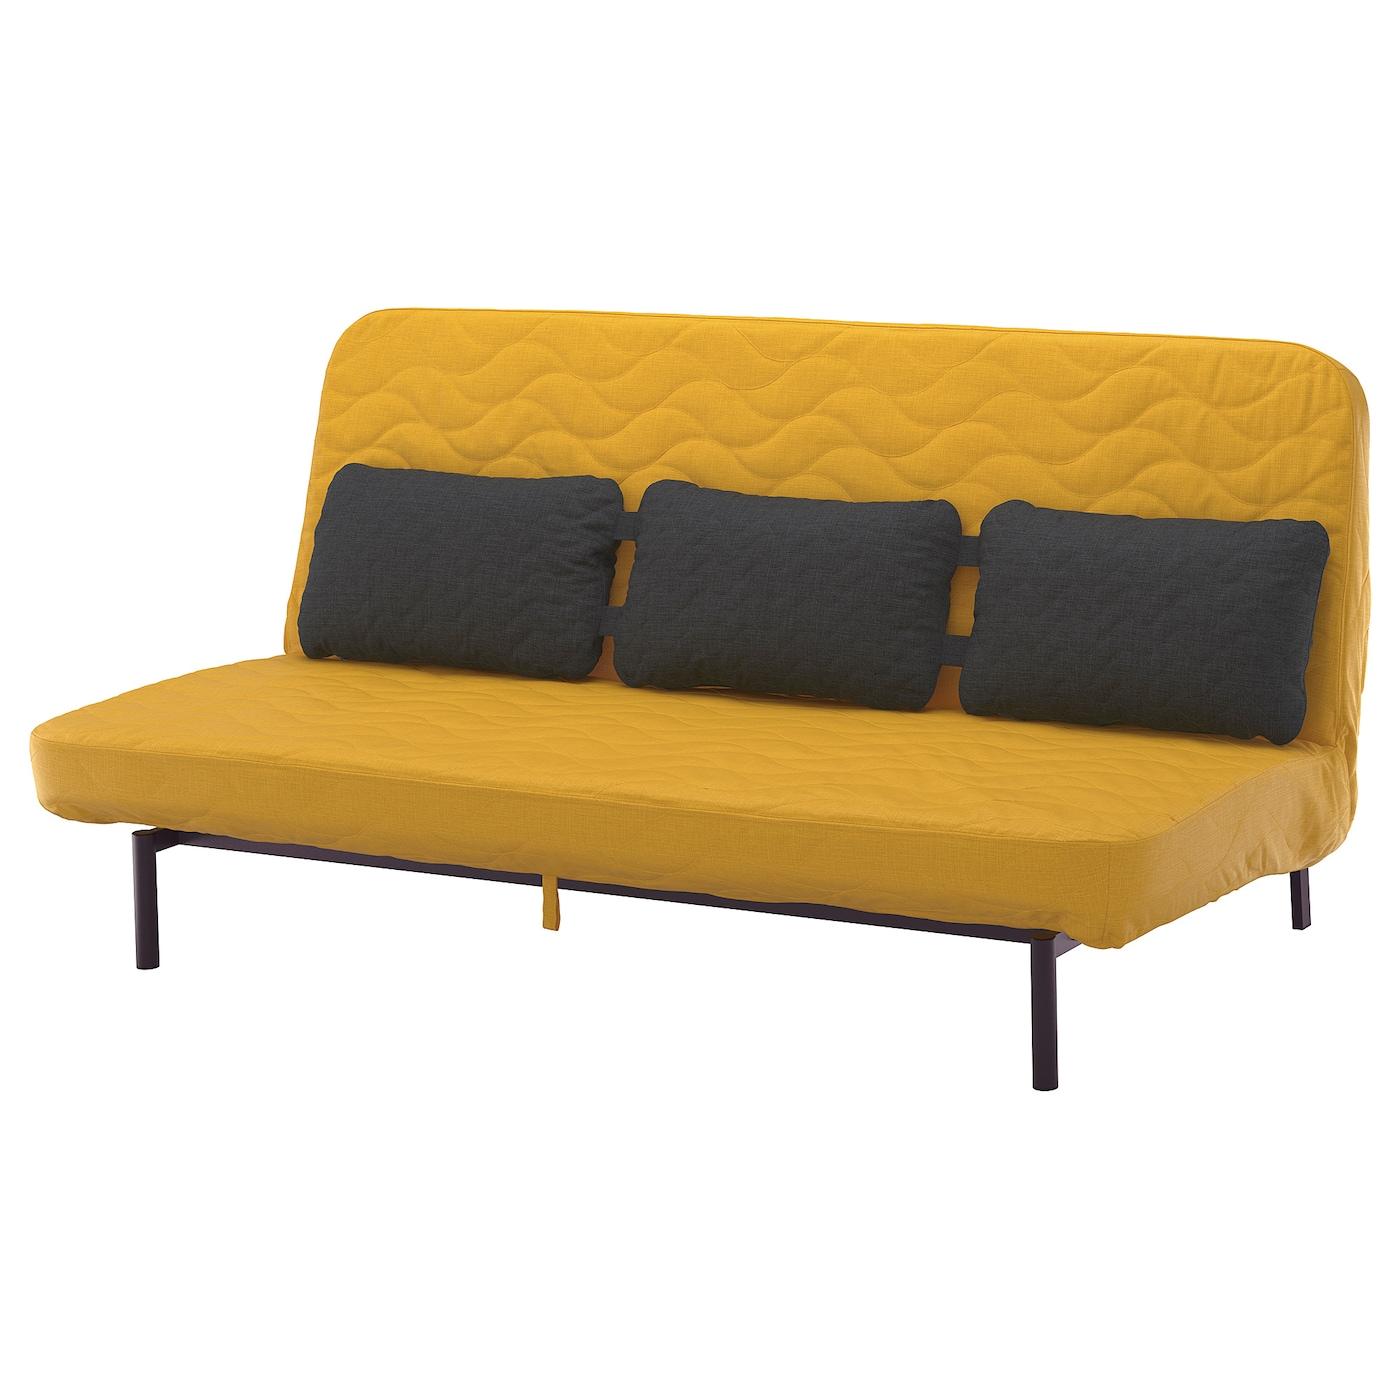 IKEA NYHAMN Sofa rozkładana z potrójną poduchą, materac ze sprężynami kieszeniowymi, Skiftebo żółty